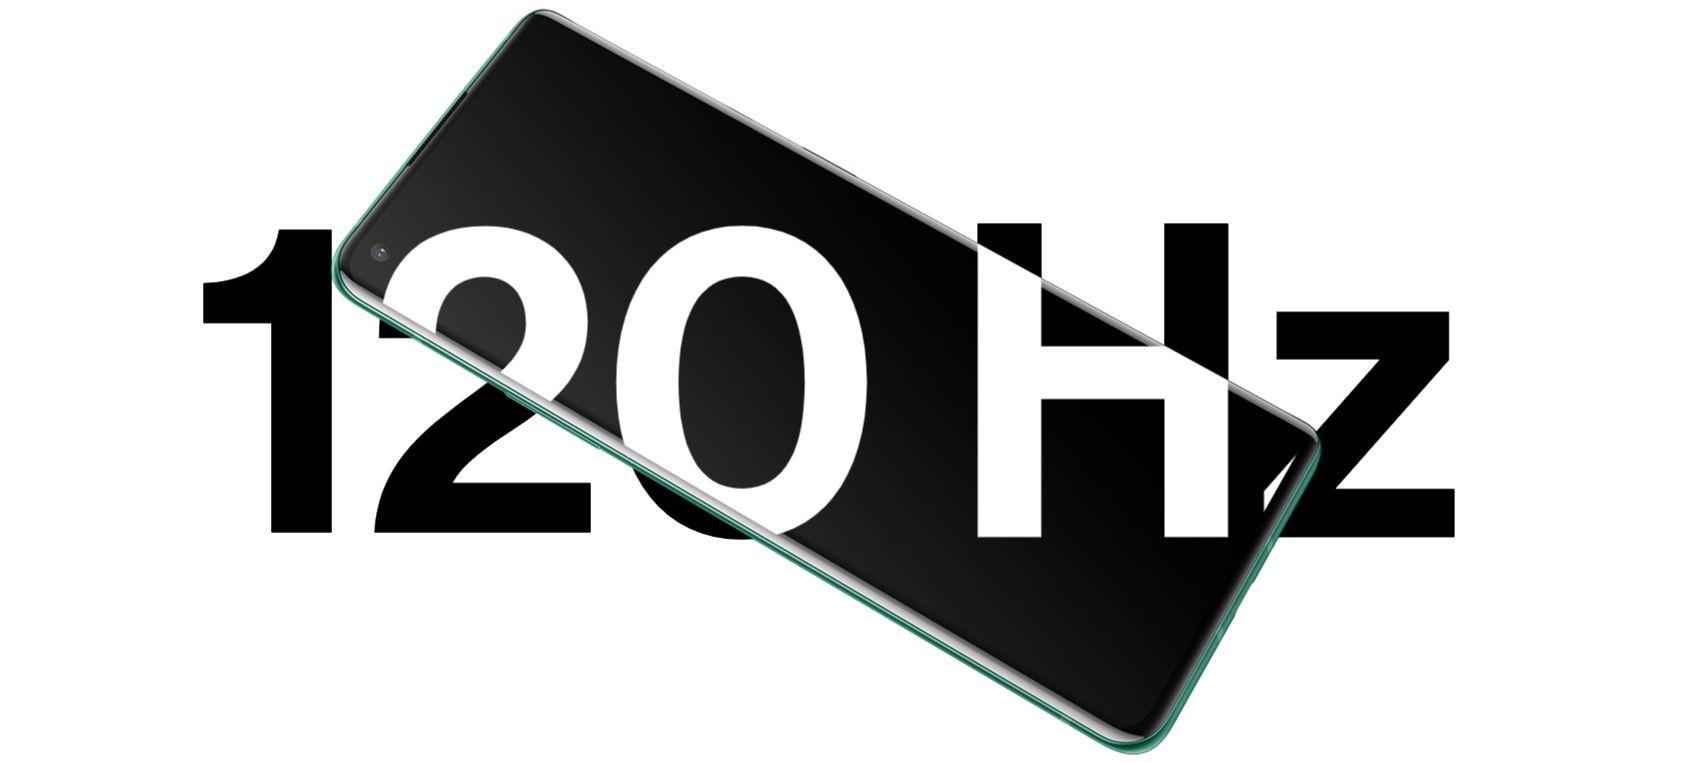 OnePlus 8 Pro частот обновления 120 герц